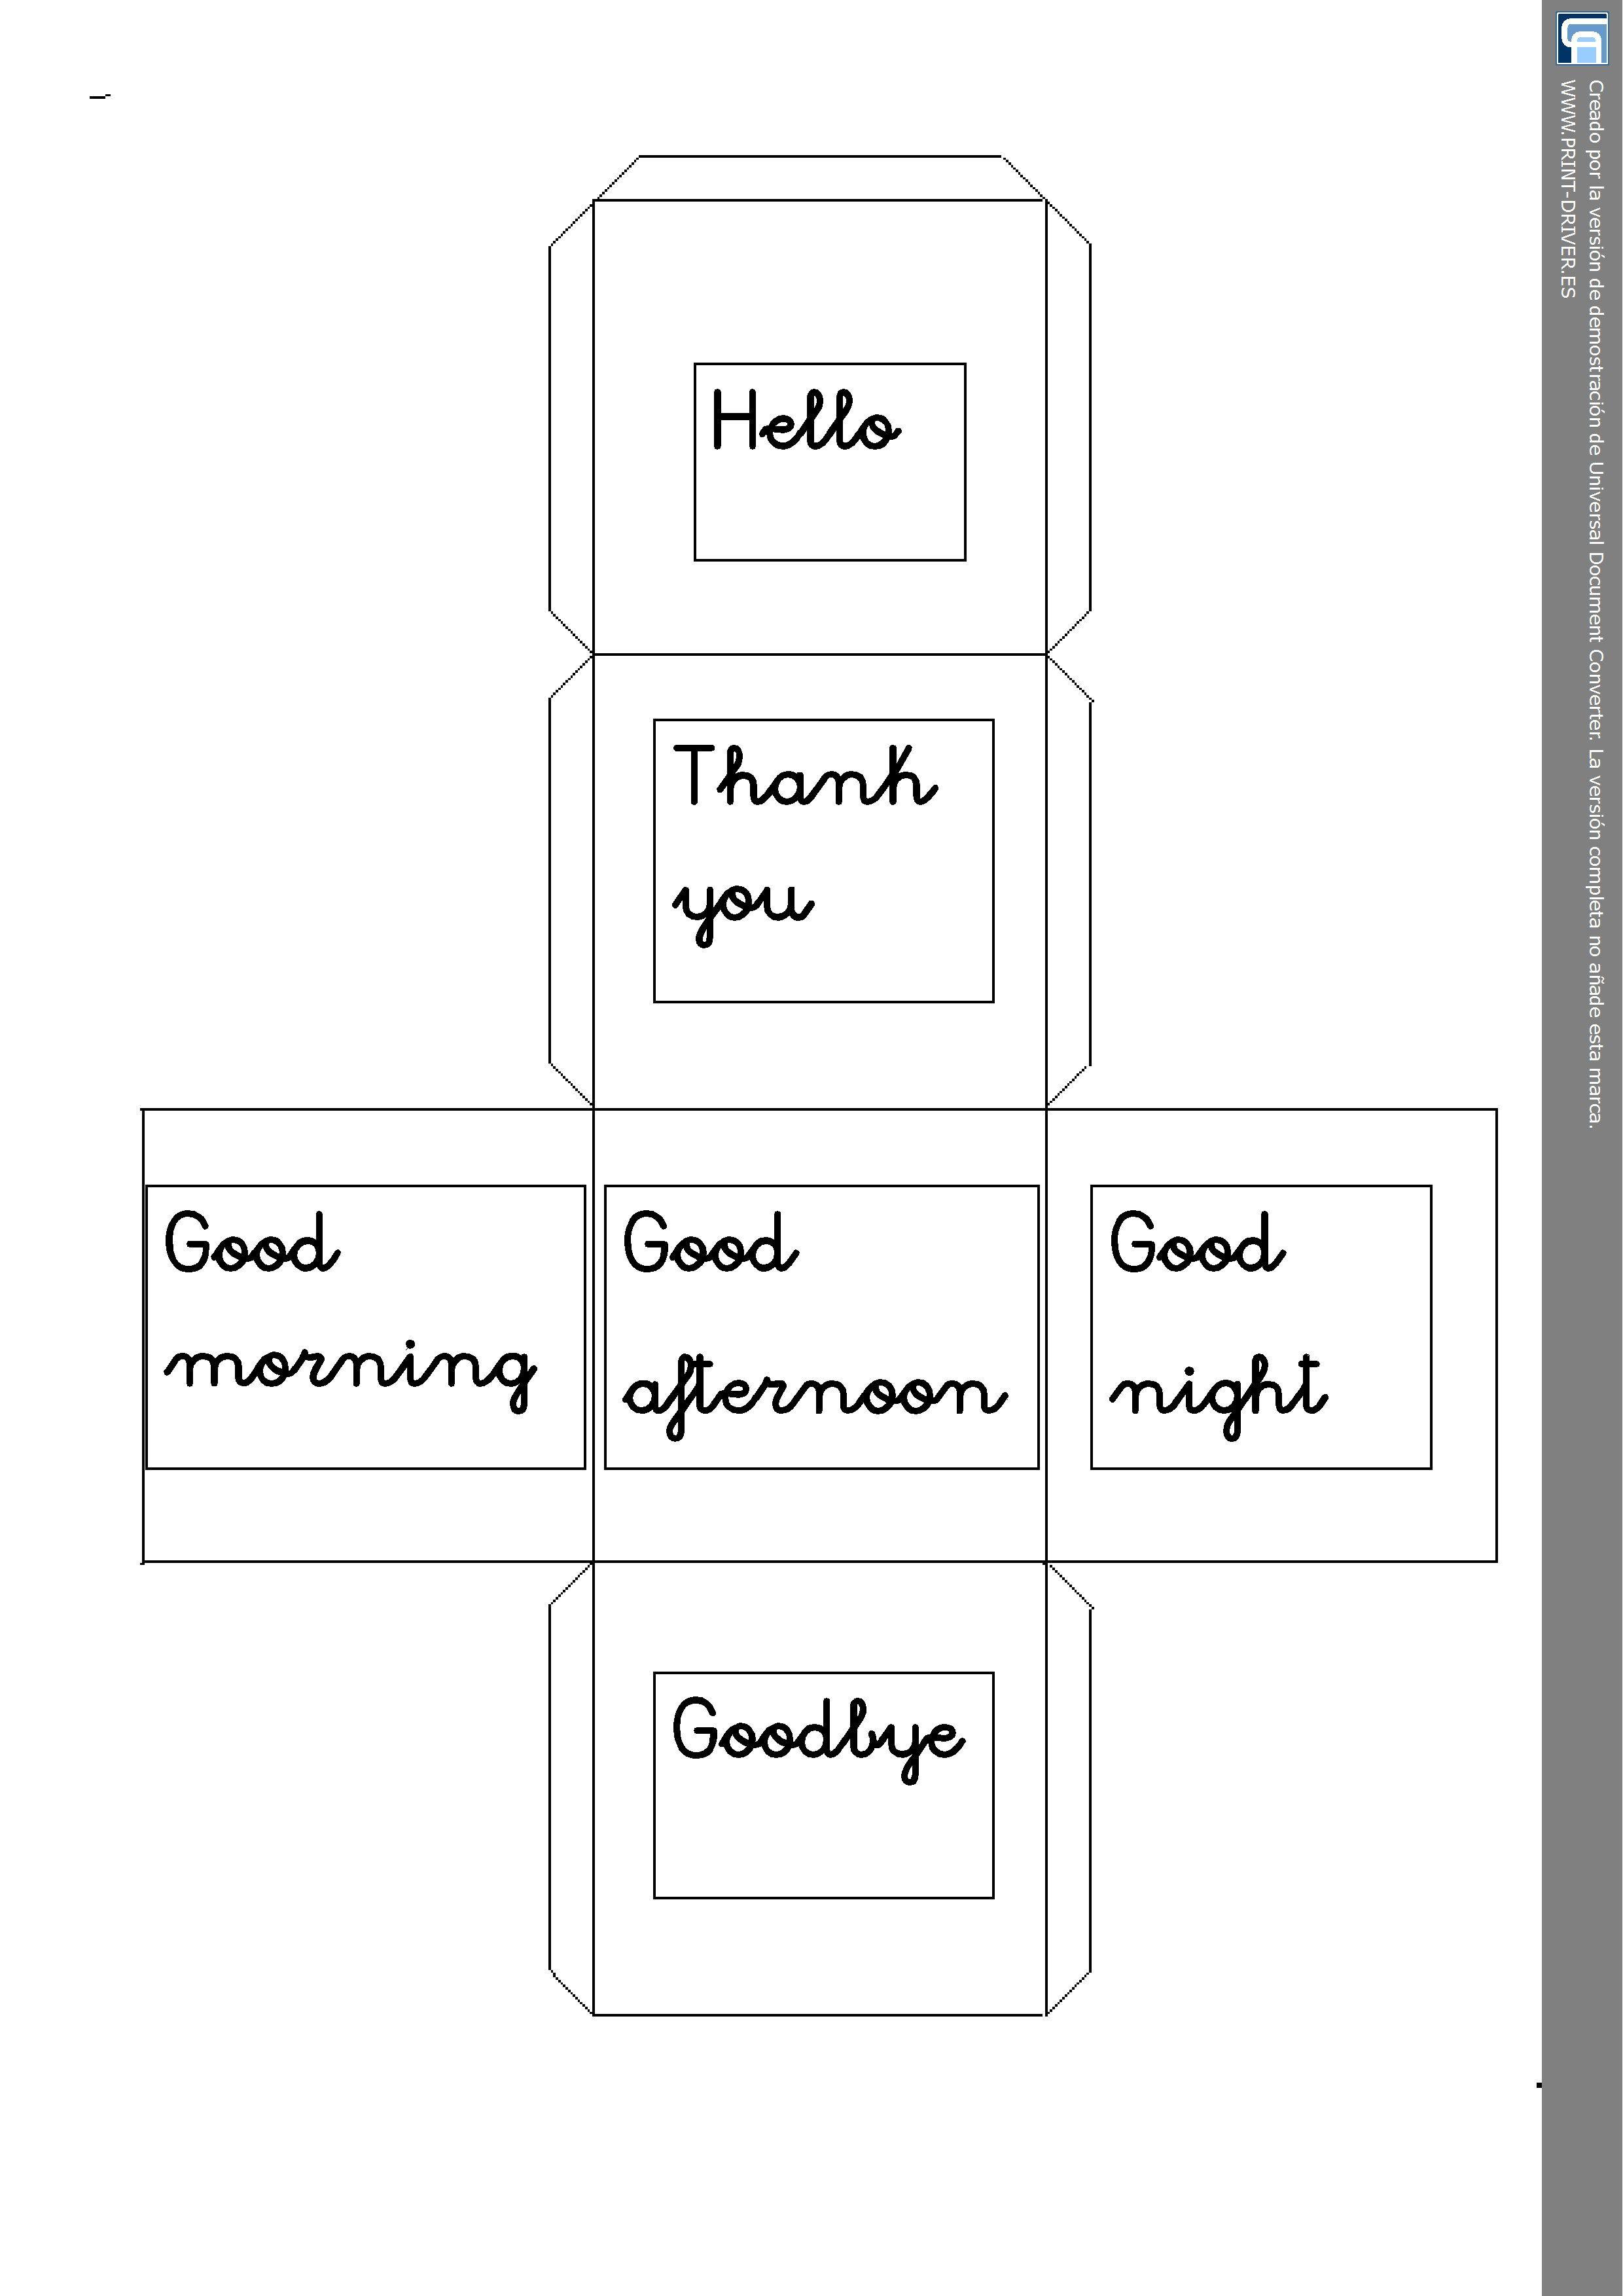 Cube Greetings Worksheet Year One Personal Teaching